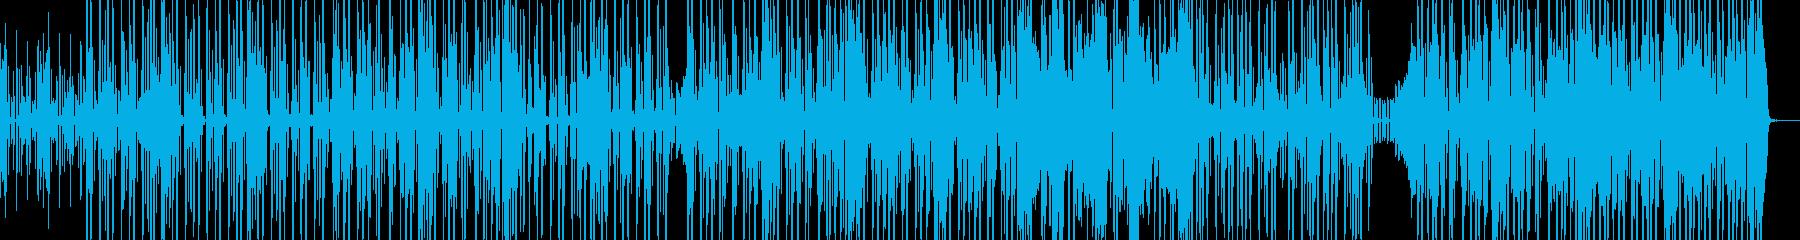 脱力系でファンキーなヒップホップ Cの再生済みの波形